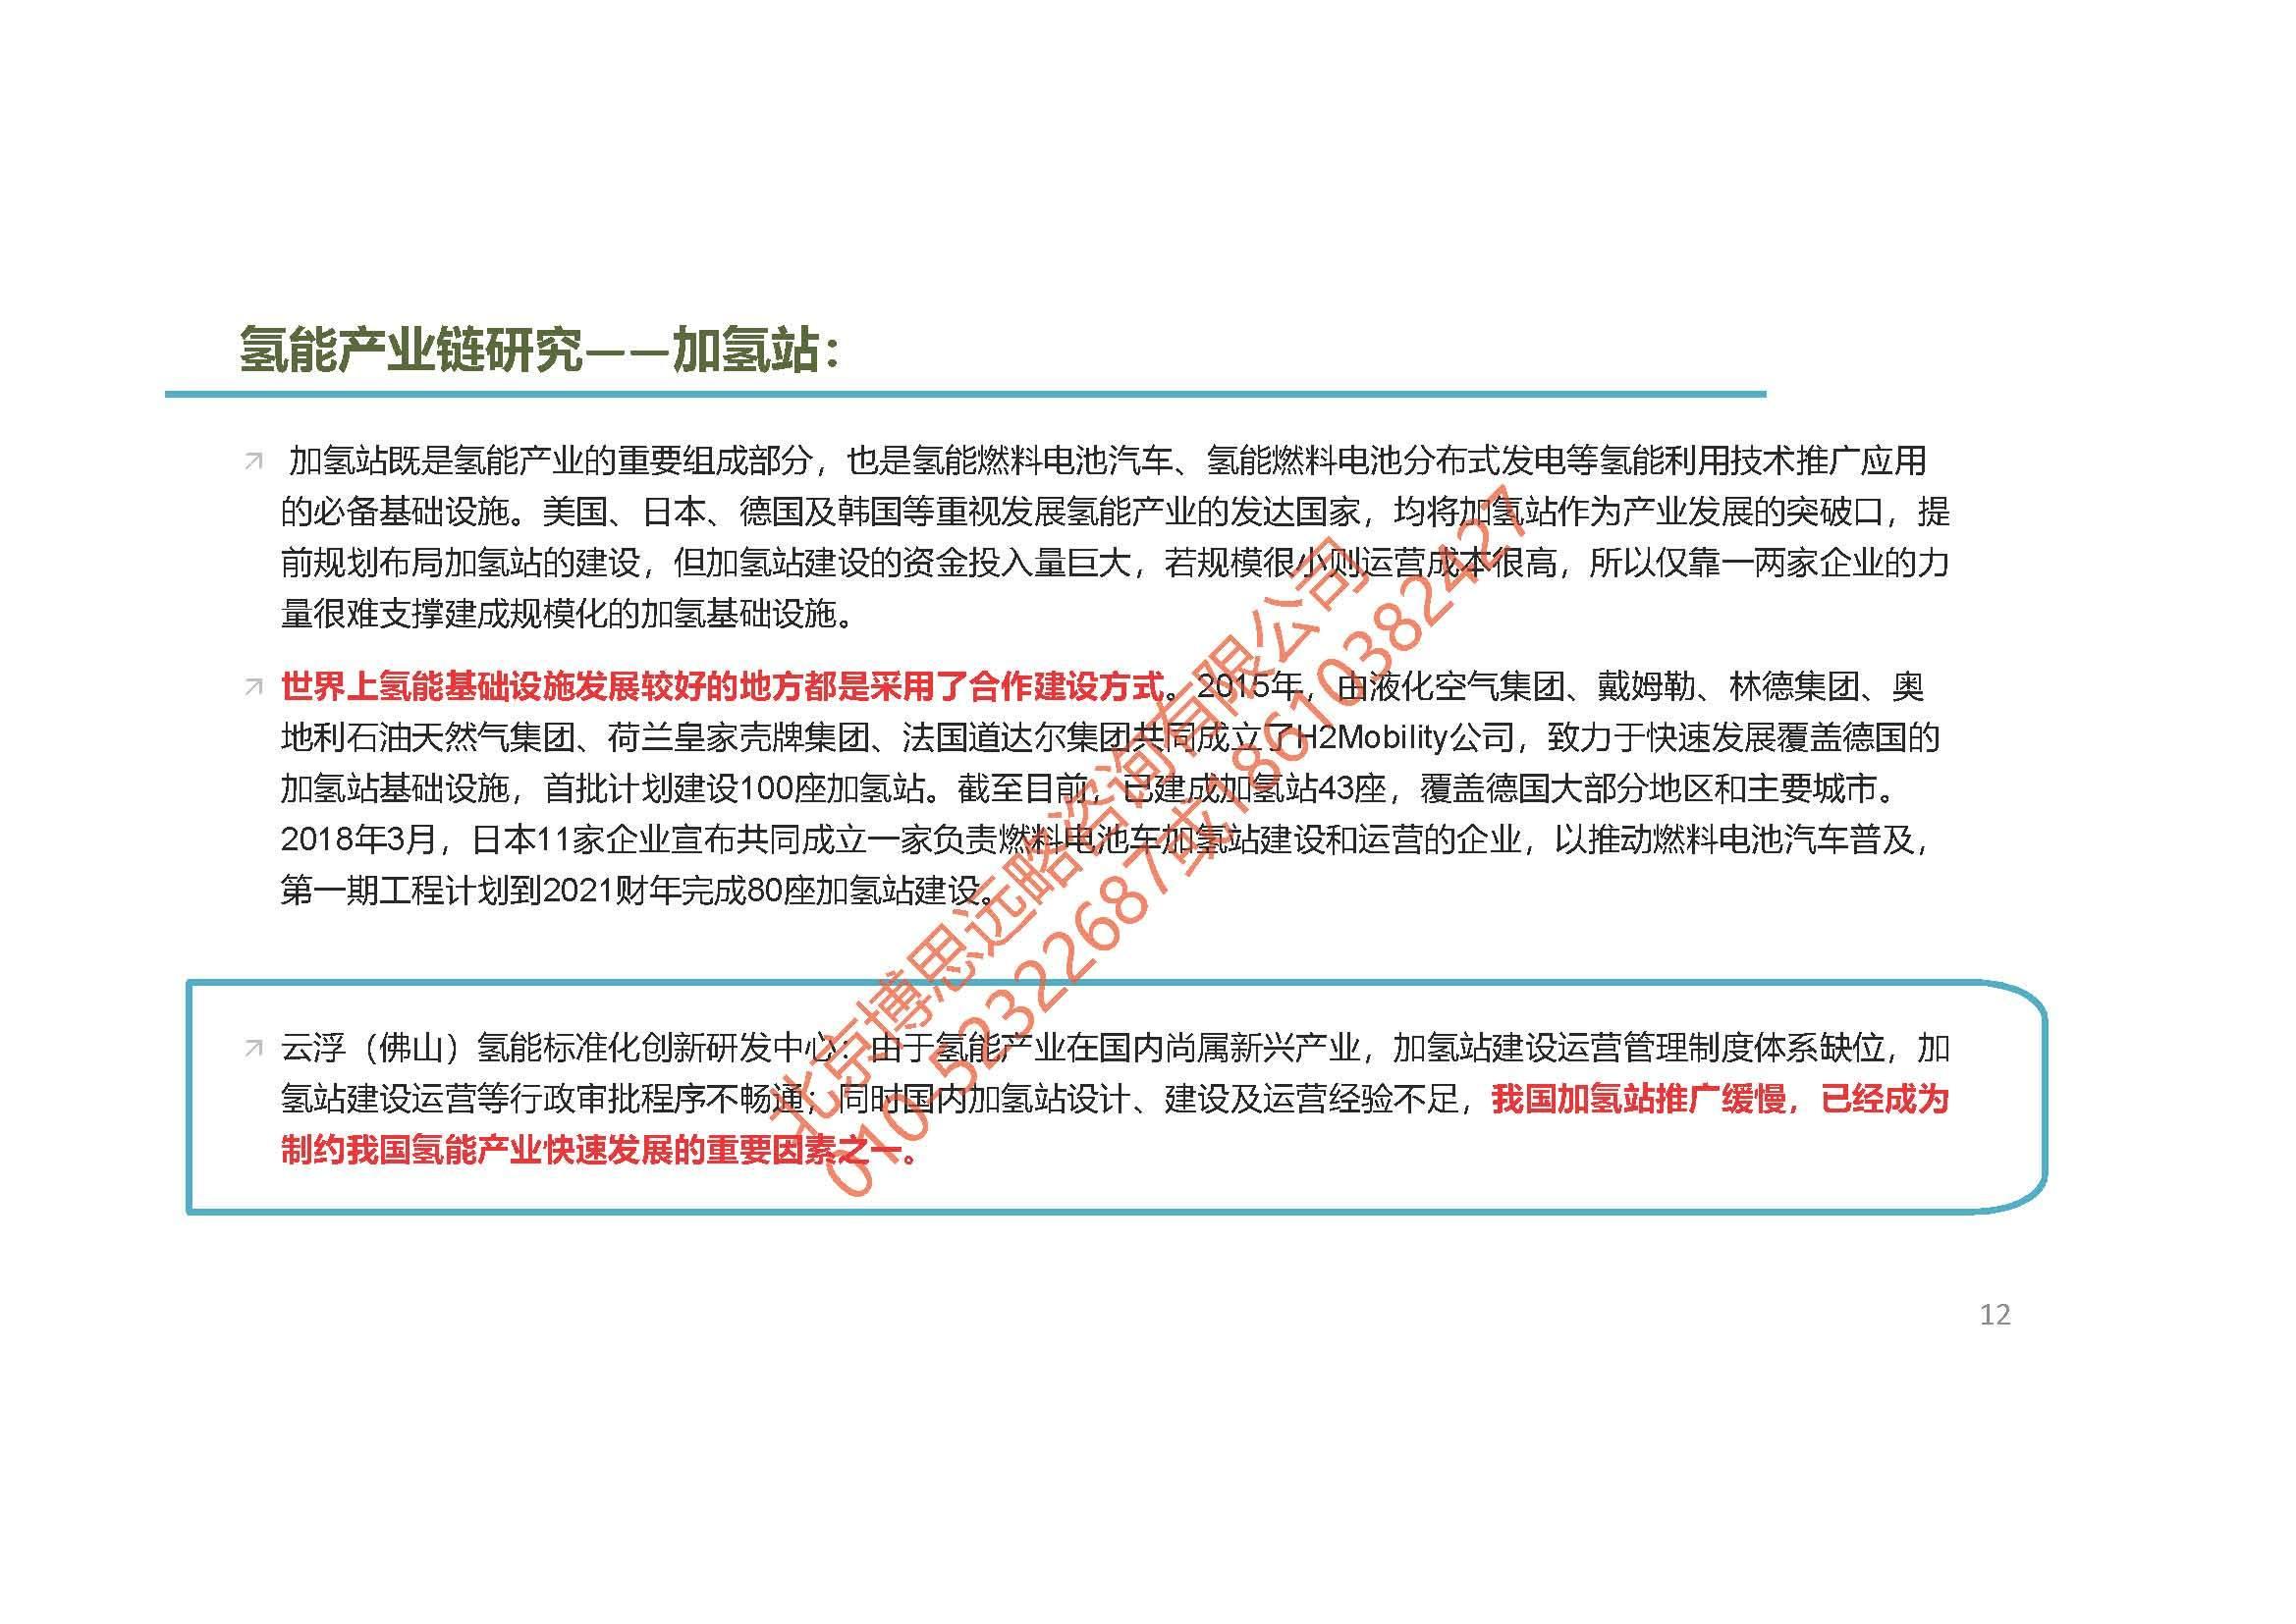 可行性研究报告融资担保公司 - 豆丁网